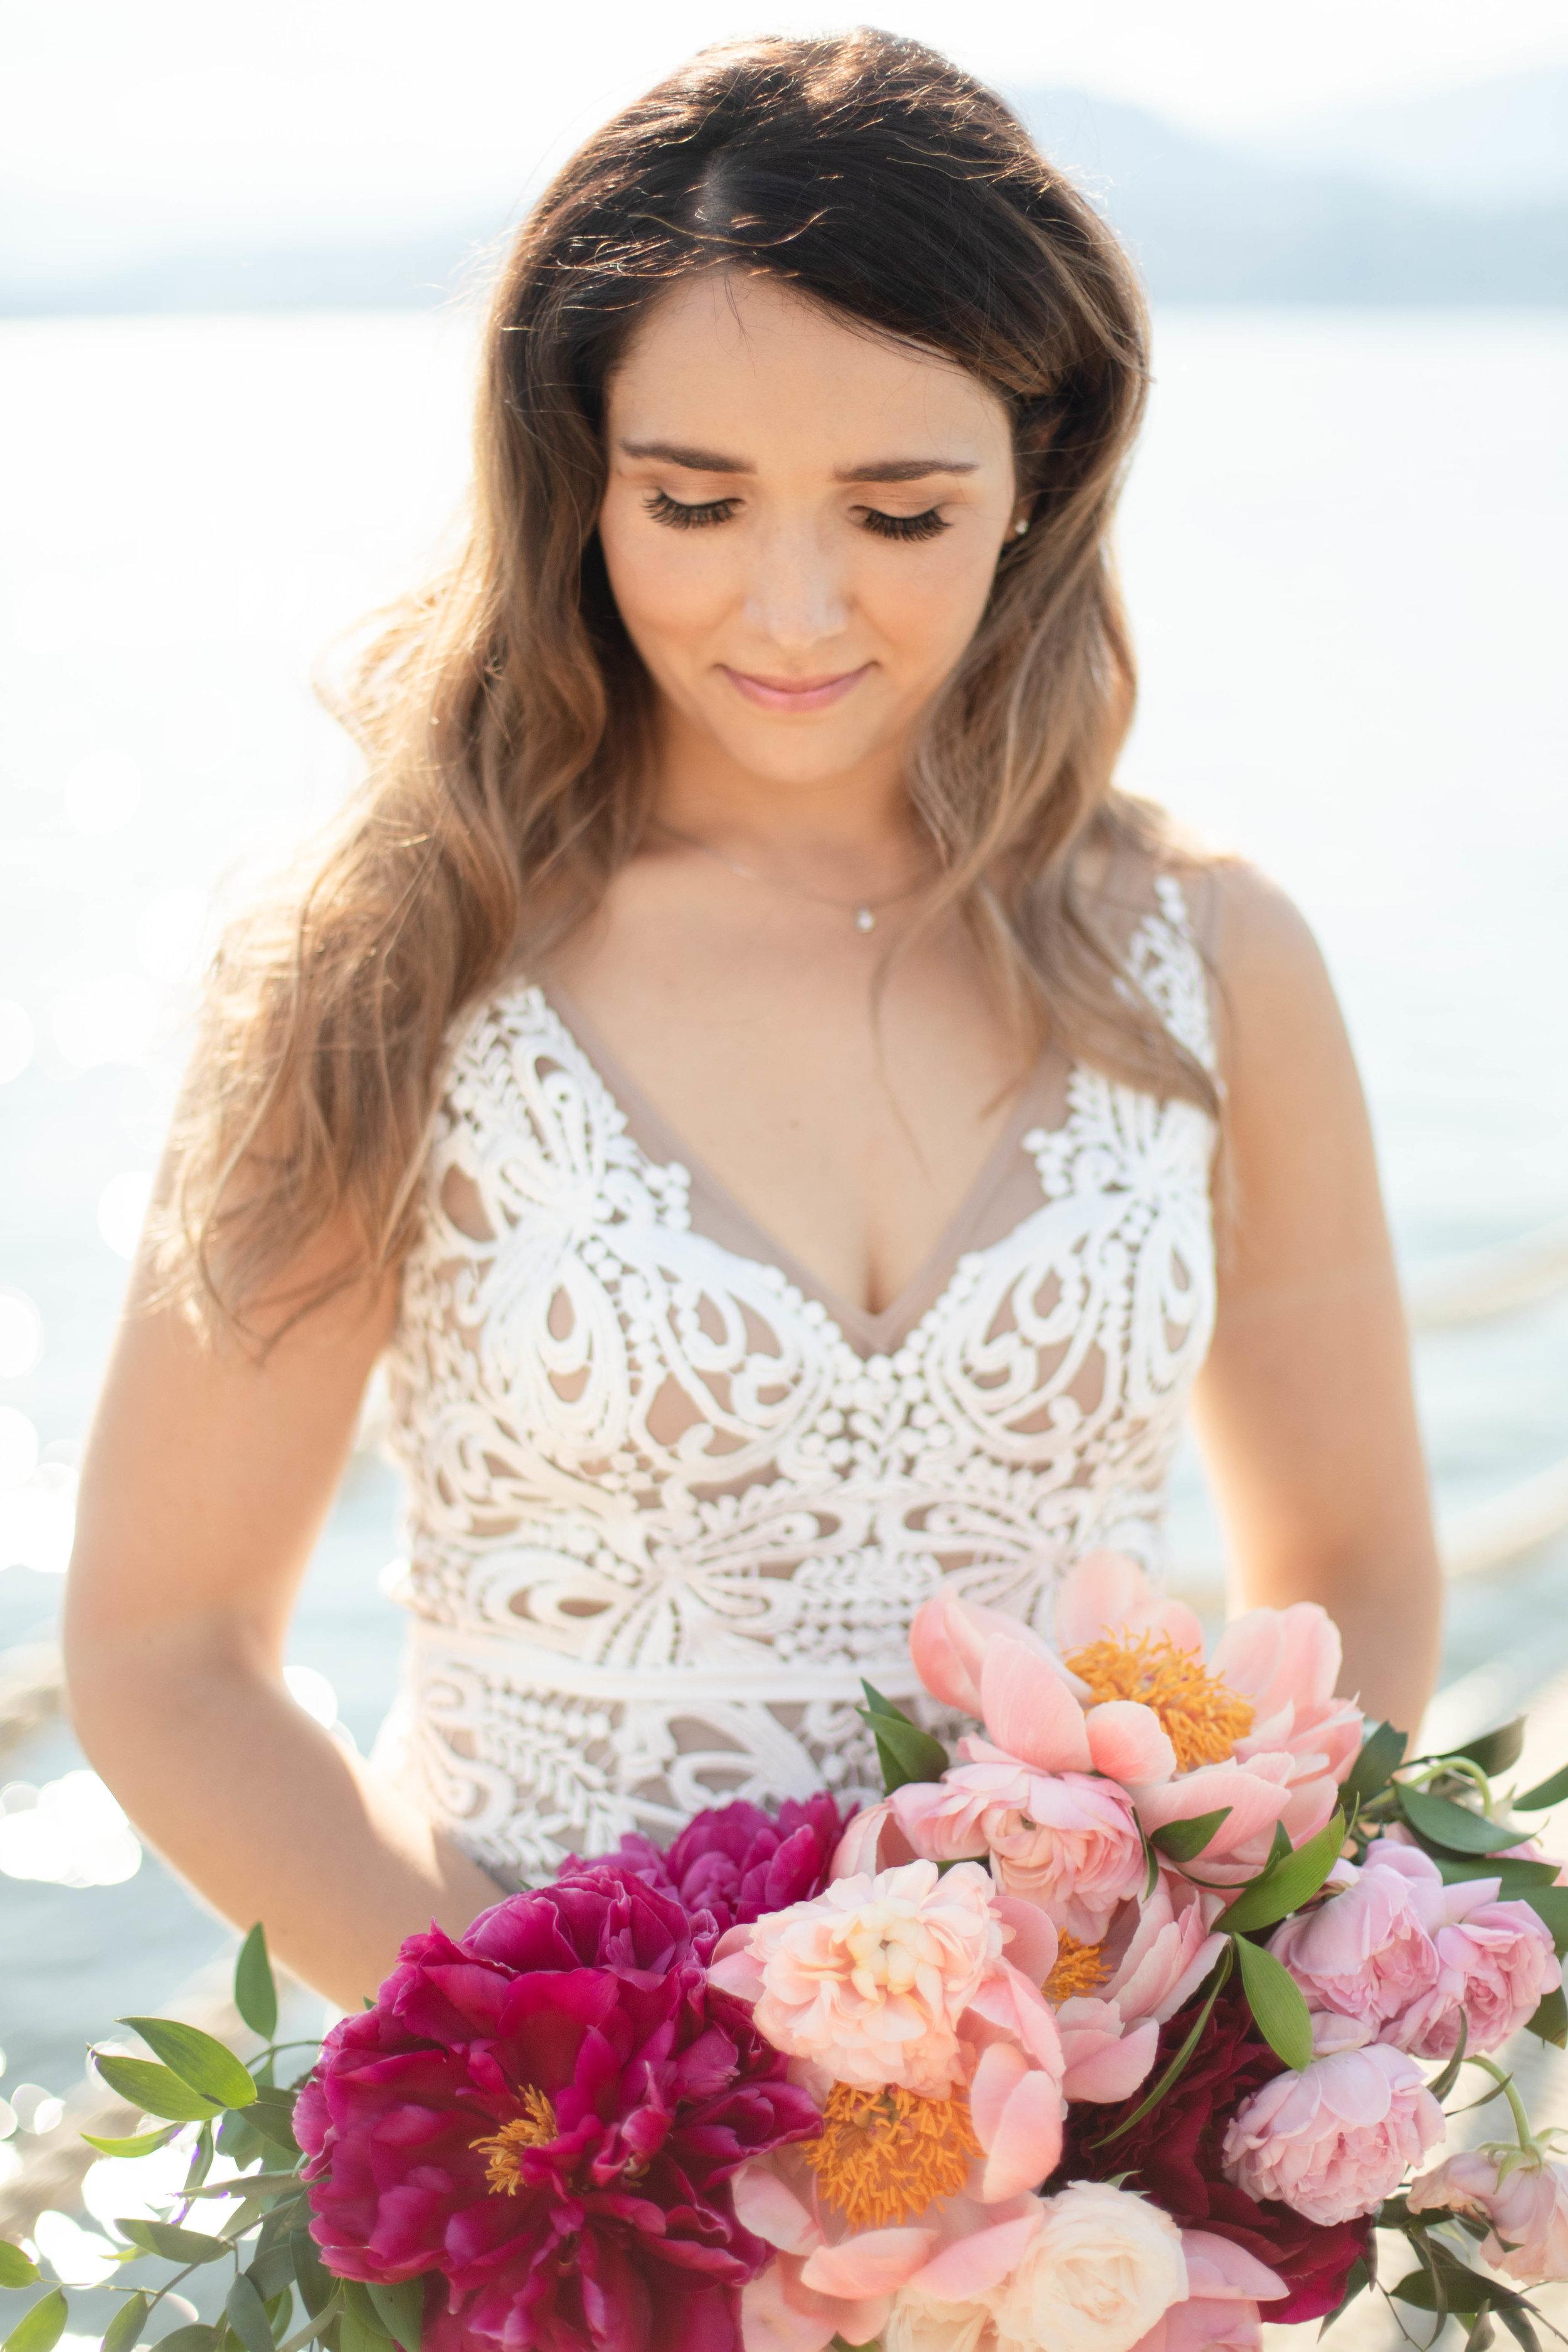 Kelowna Waterfront Wedding Bouquet.jpg